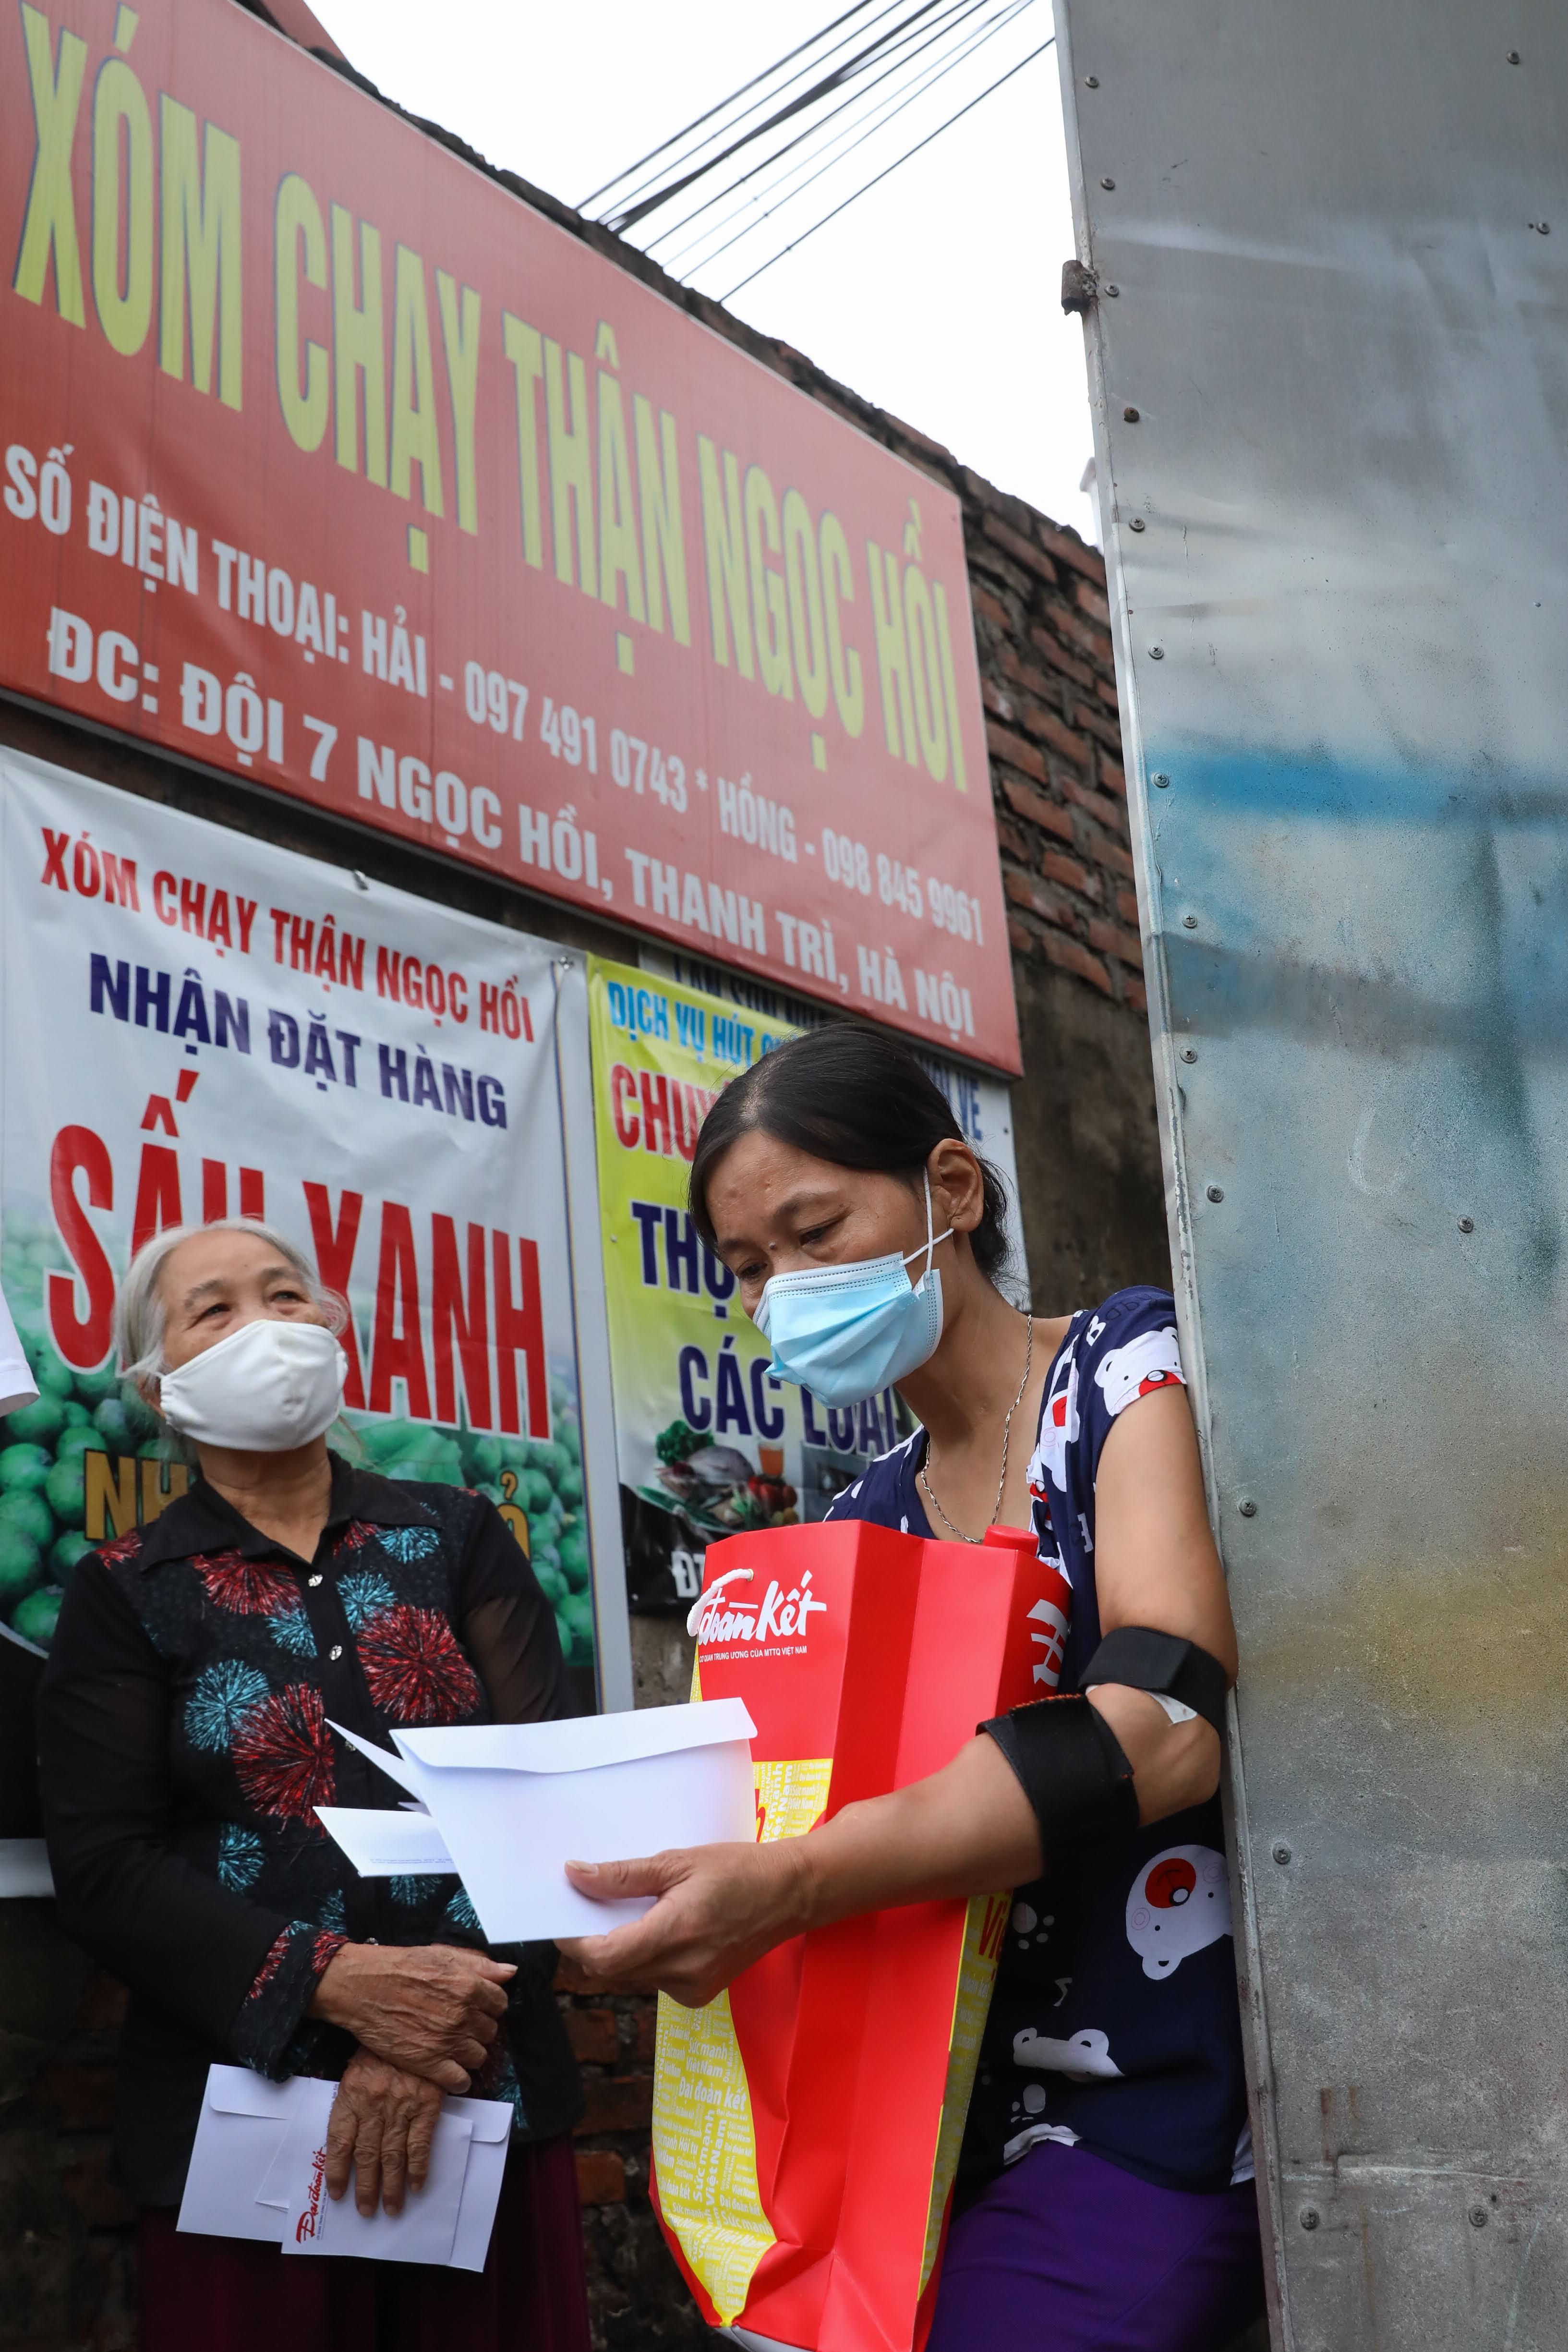 Những suất quà ấm áp sẻ chia tìm đến Xóm chạy thận Ngọc Hồi, Thanh Trì, Hà Nội.